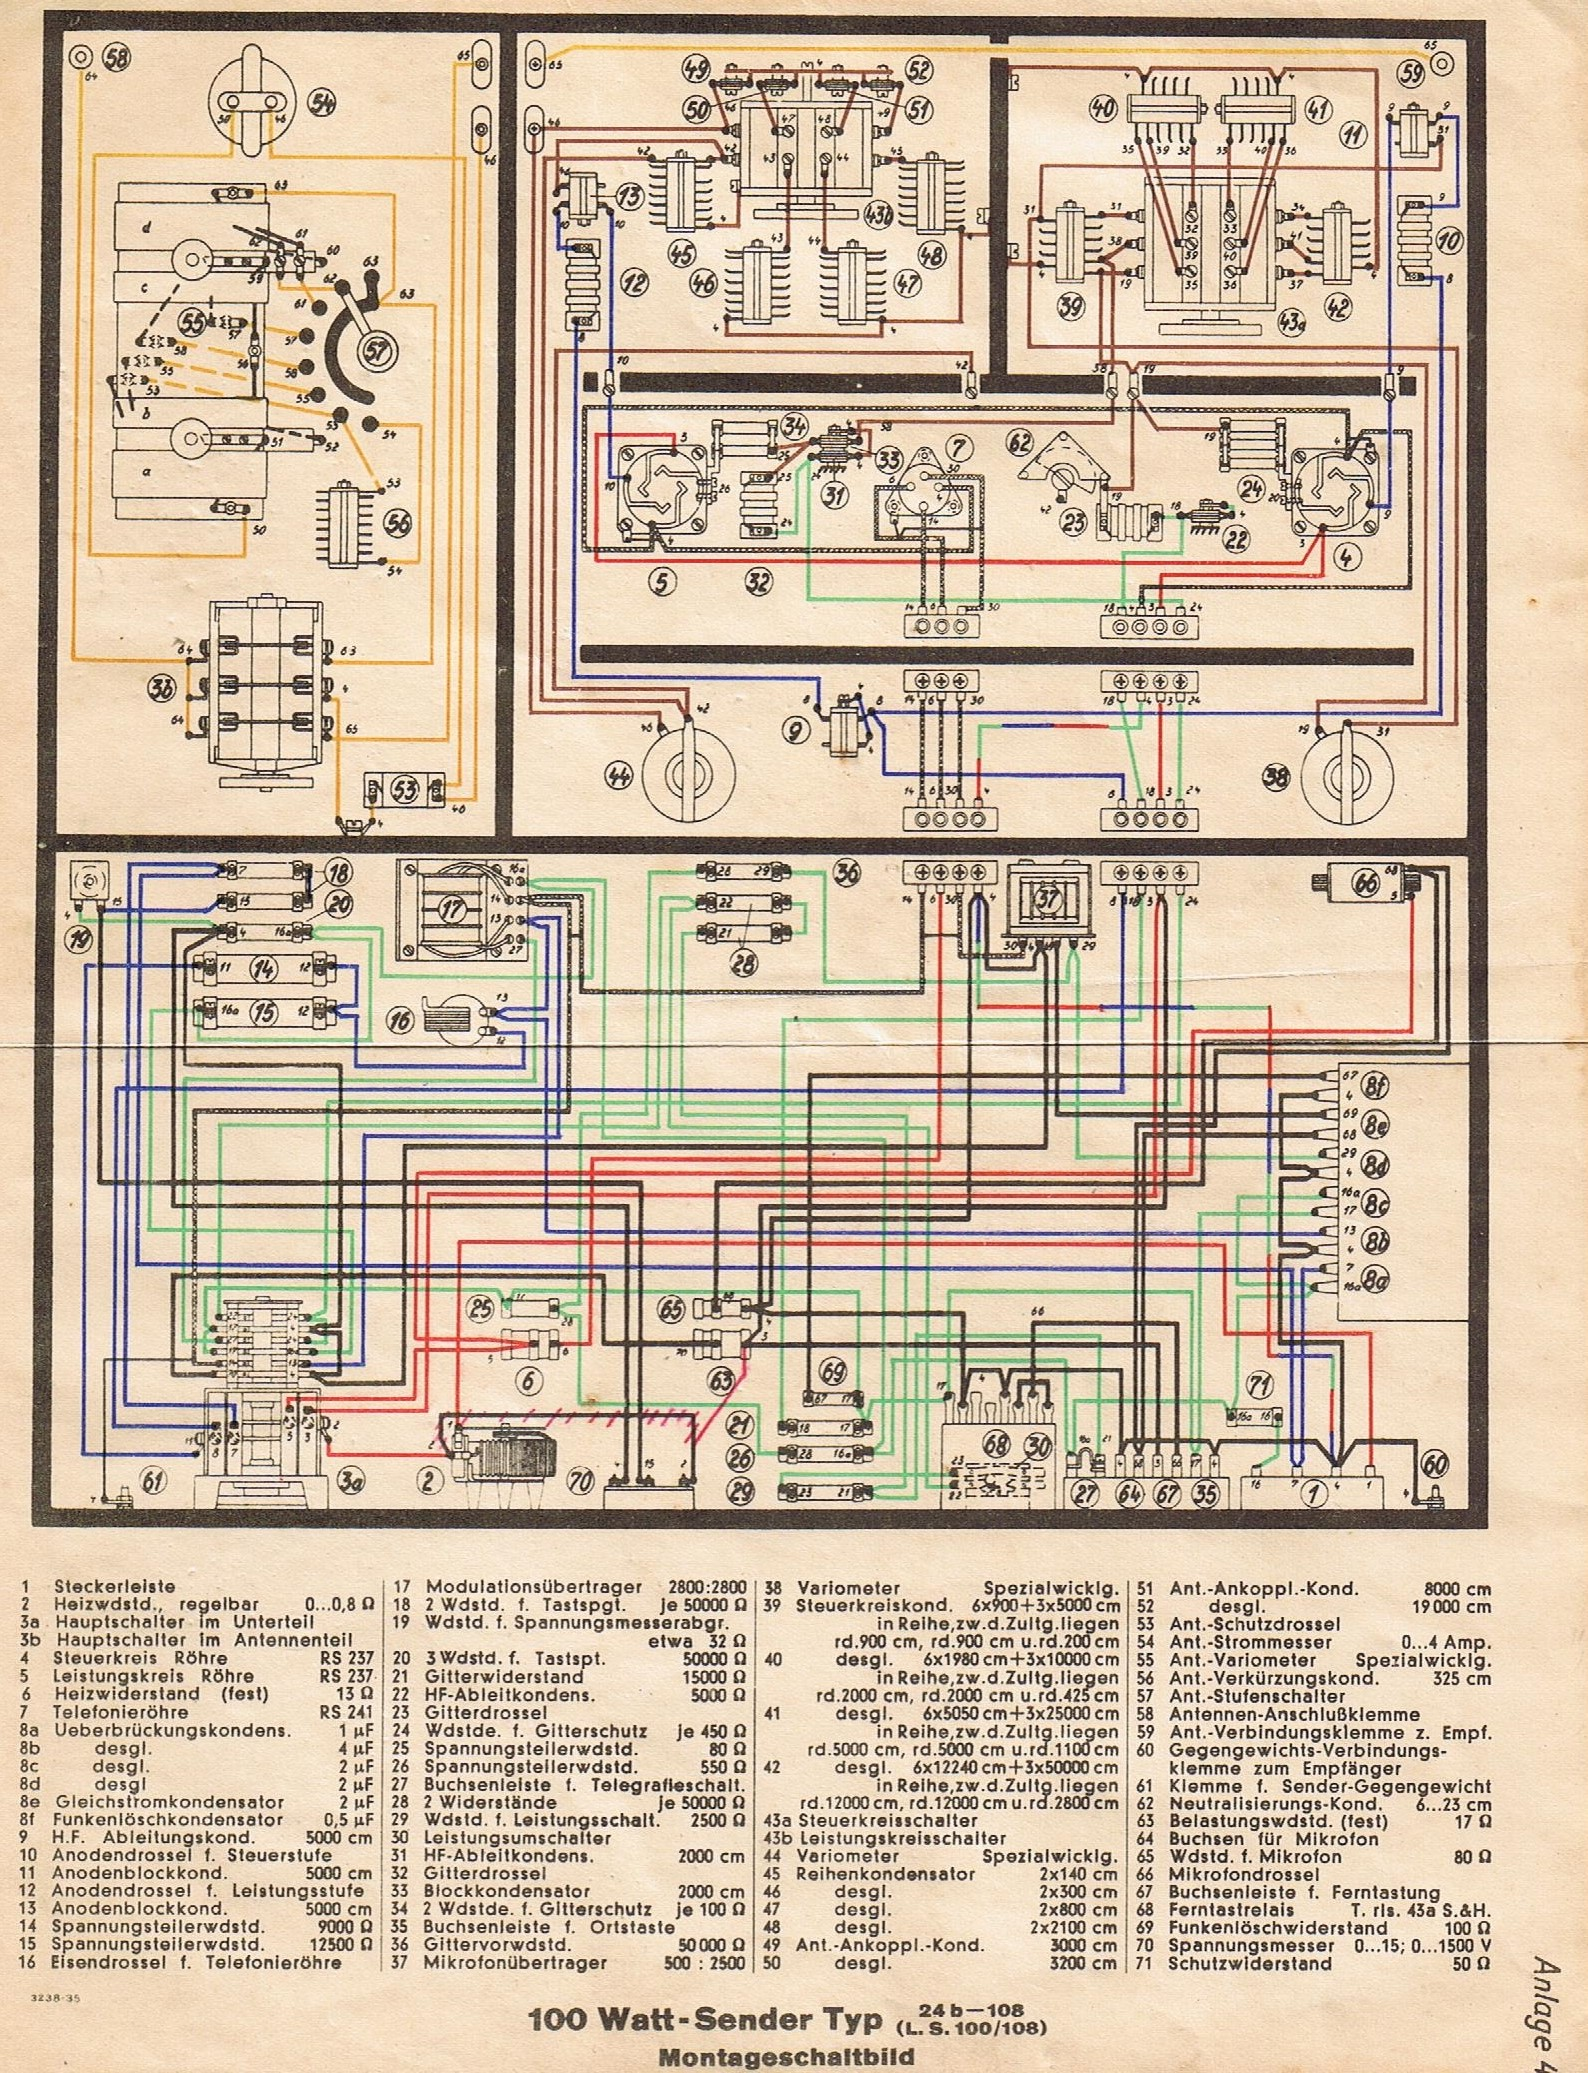 100 Watt Sender (LS 100/108) - Montageschaltbild - Die Nachrichtentruppe